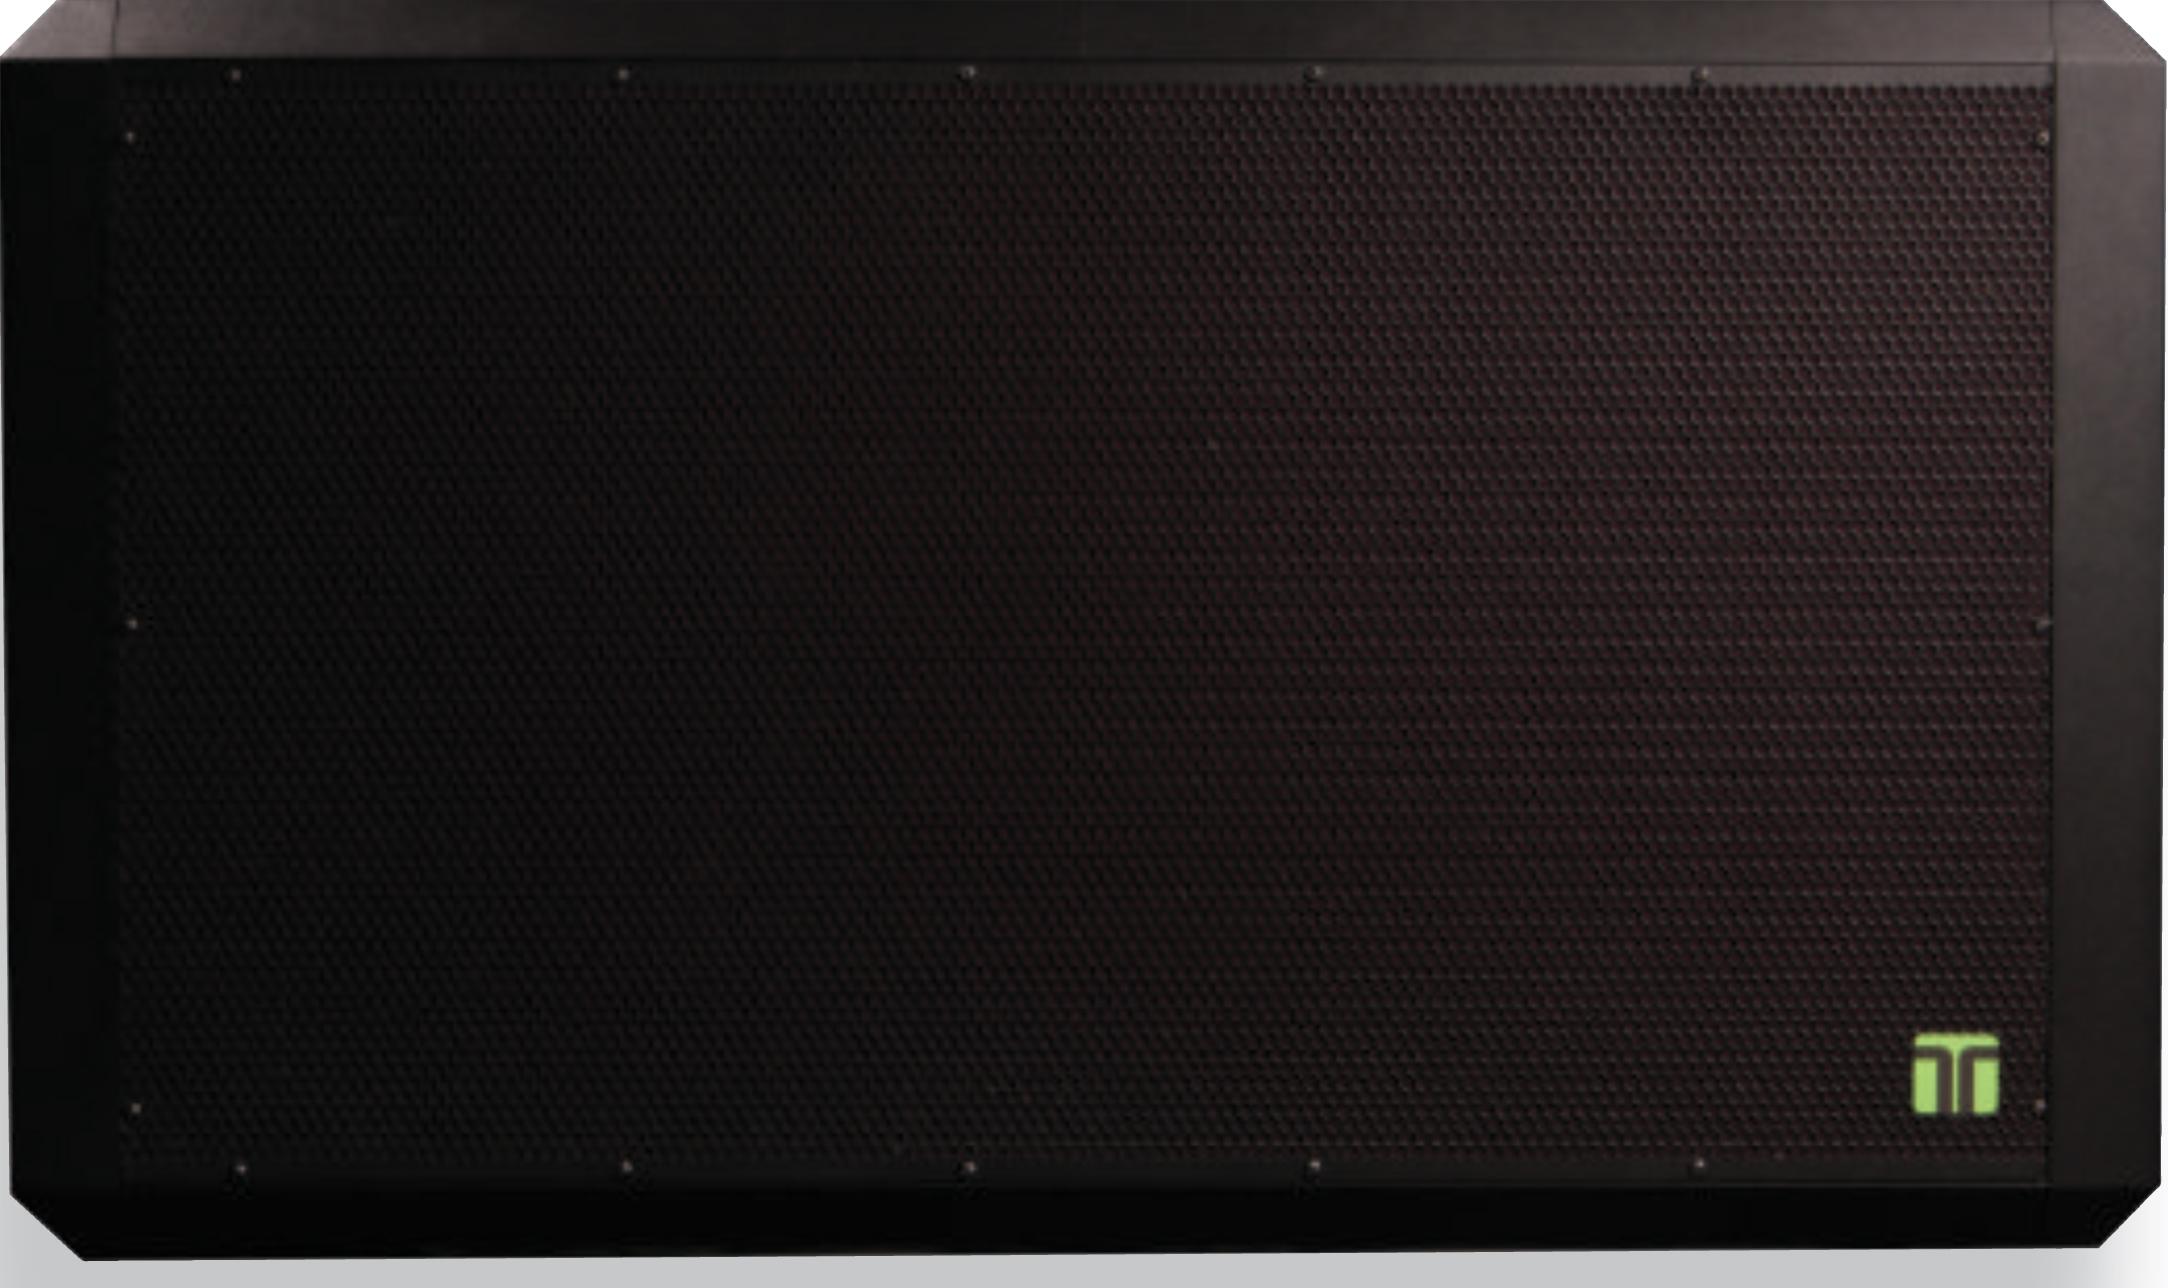 400a637b-1a82-4e5b-b5dc-9fc57da6ce01-5